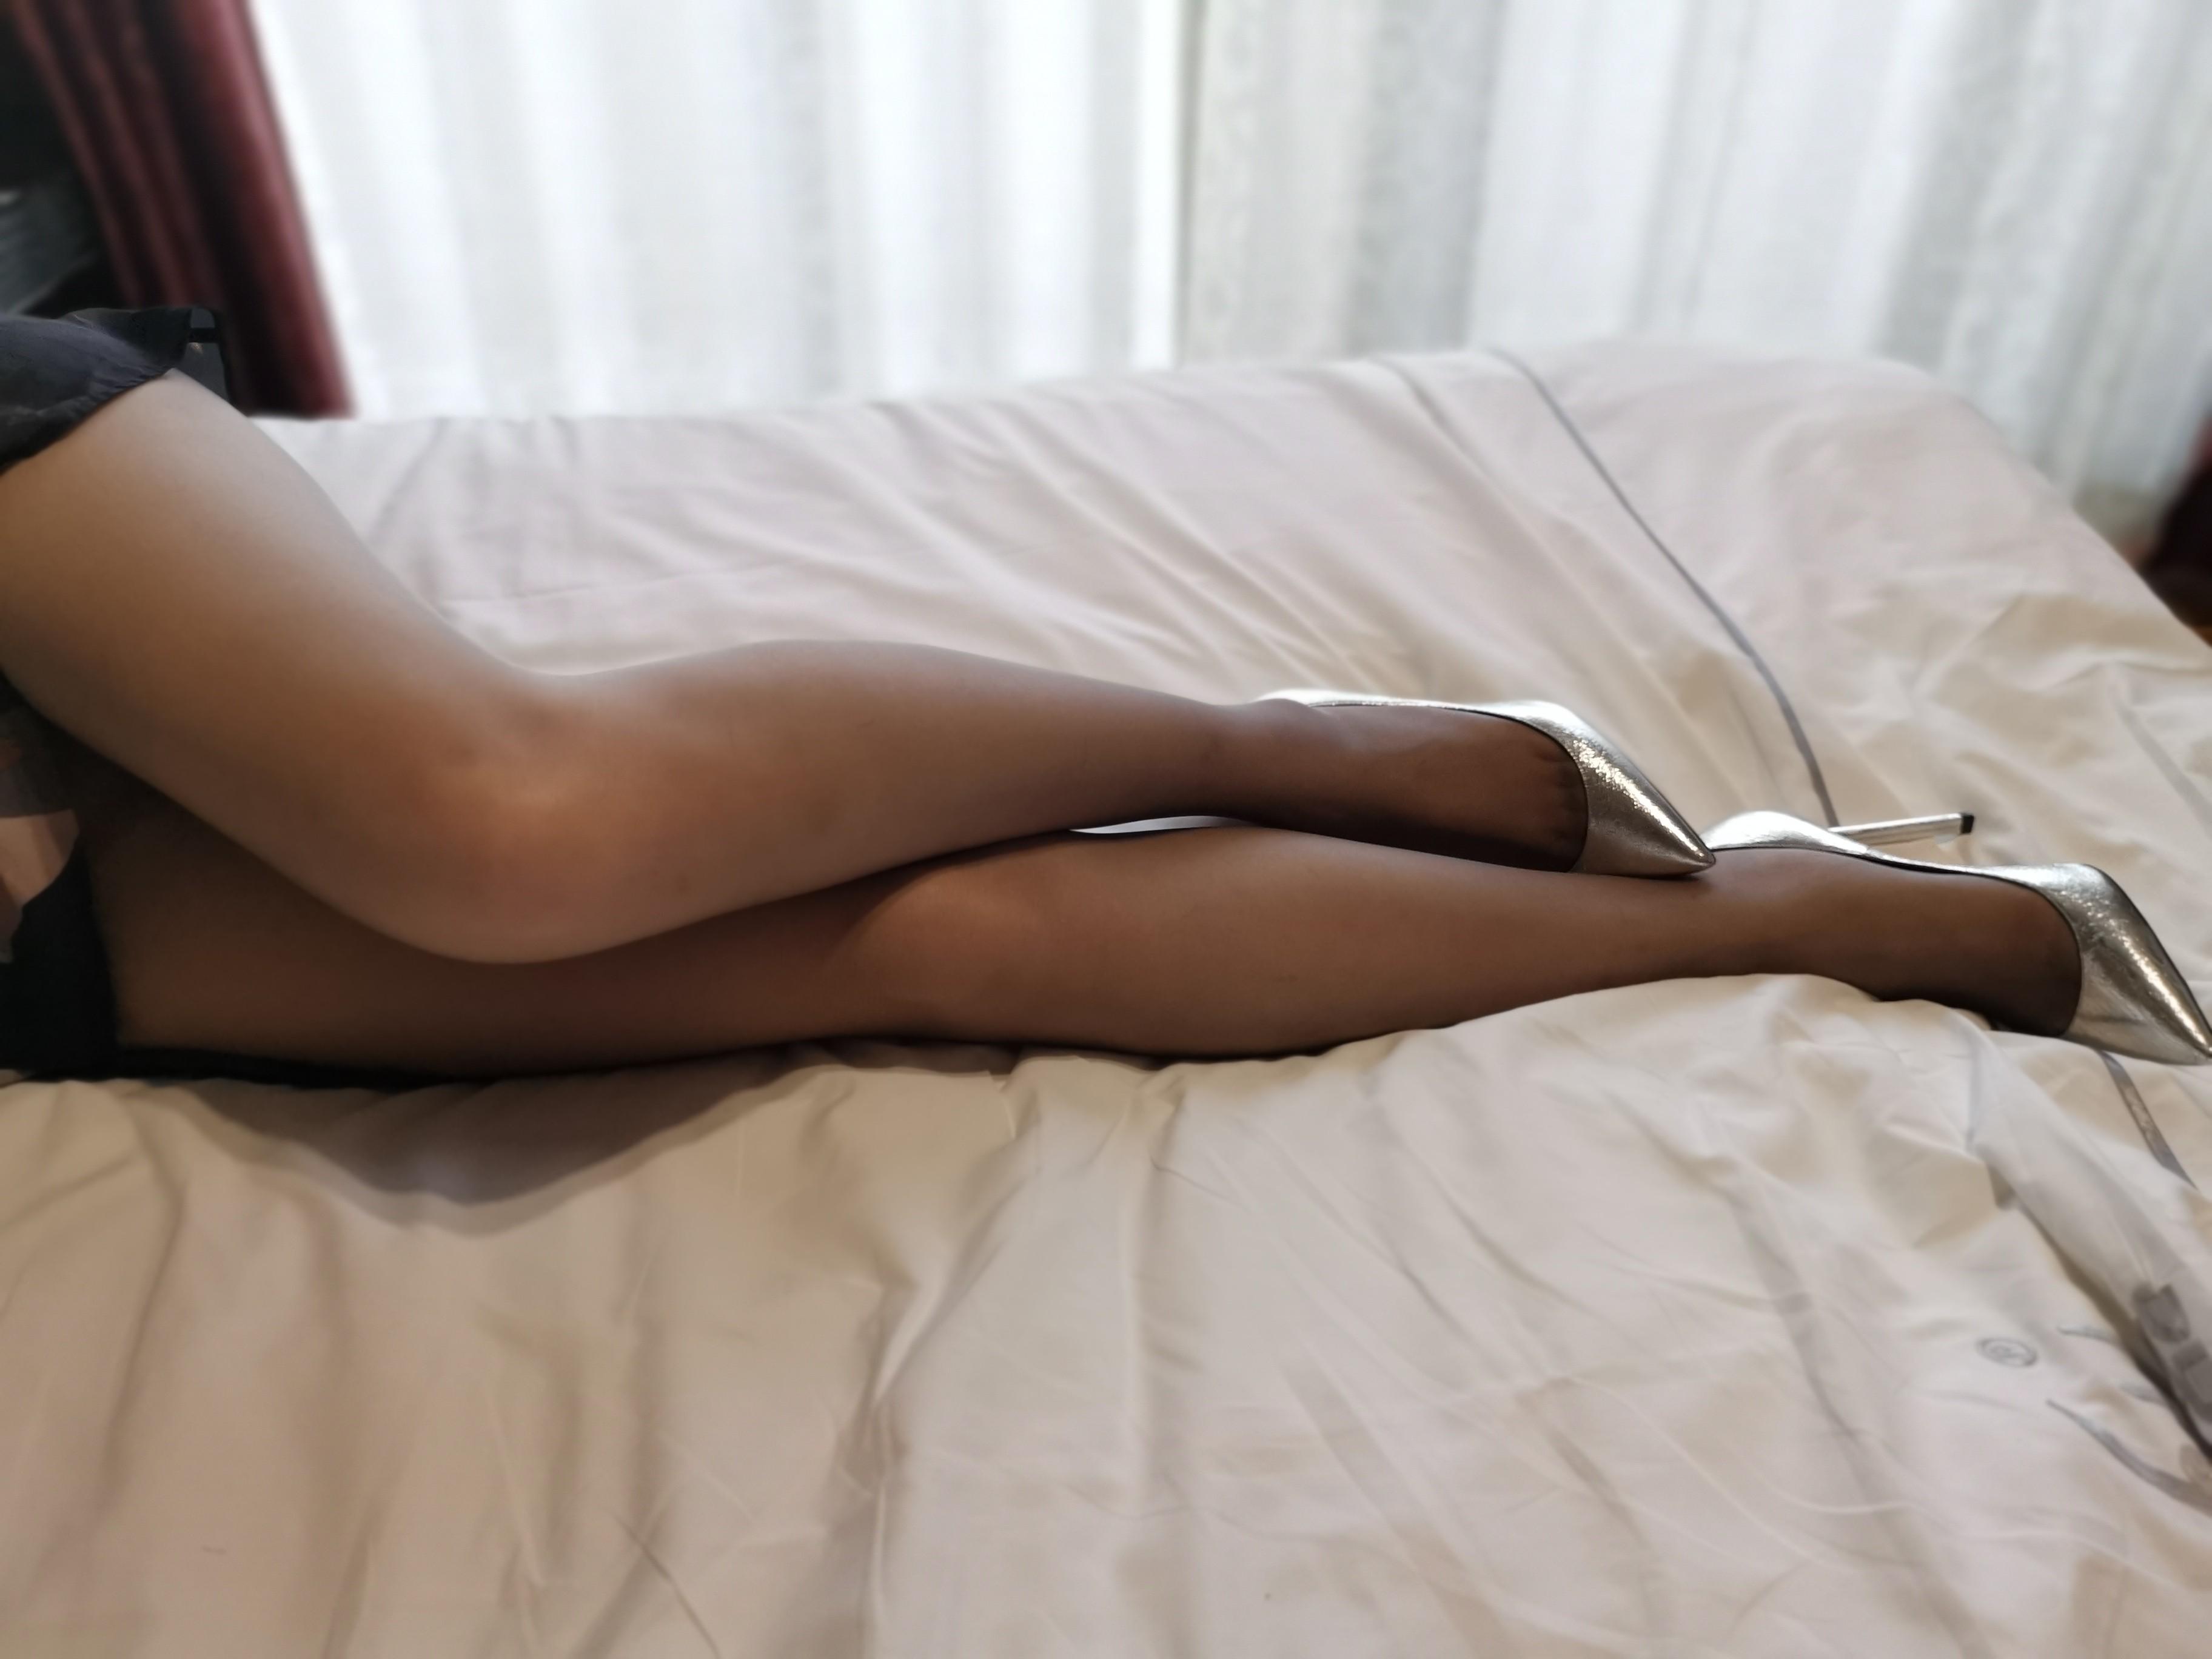 真棒的丝袜.美美哒